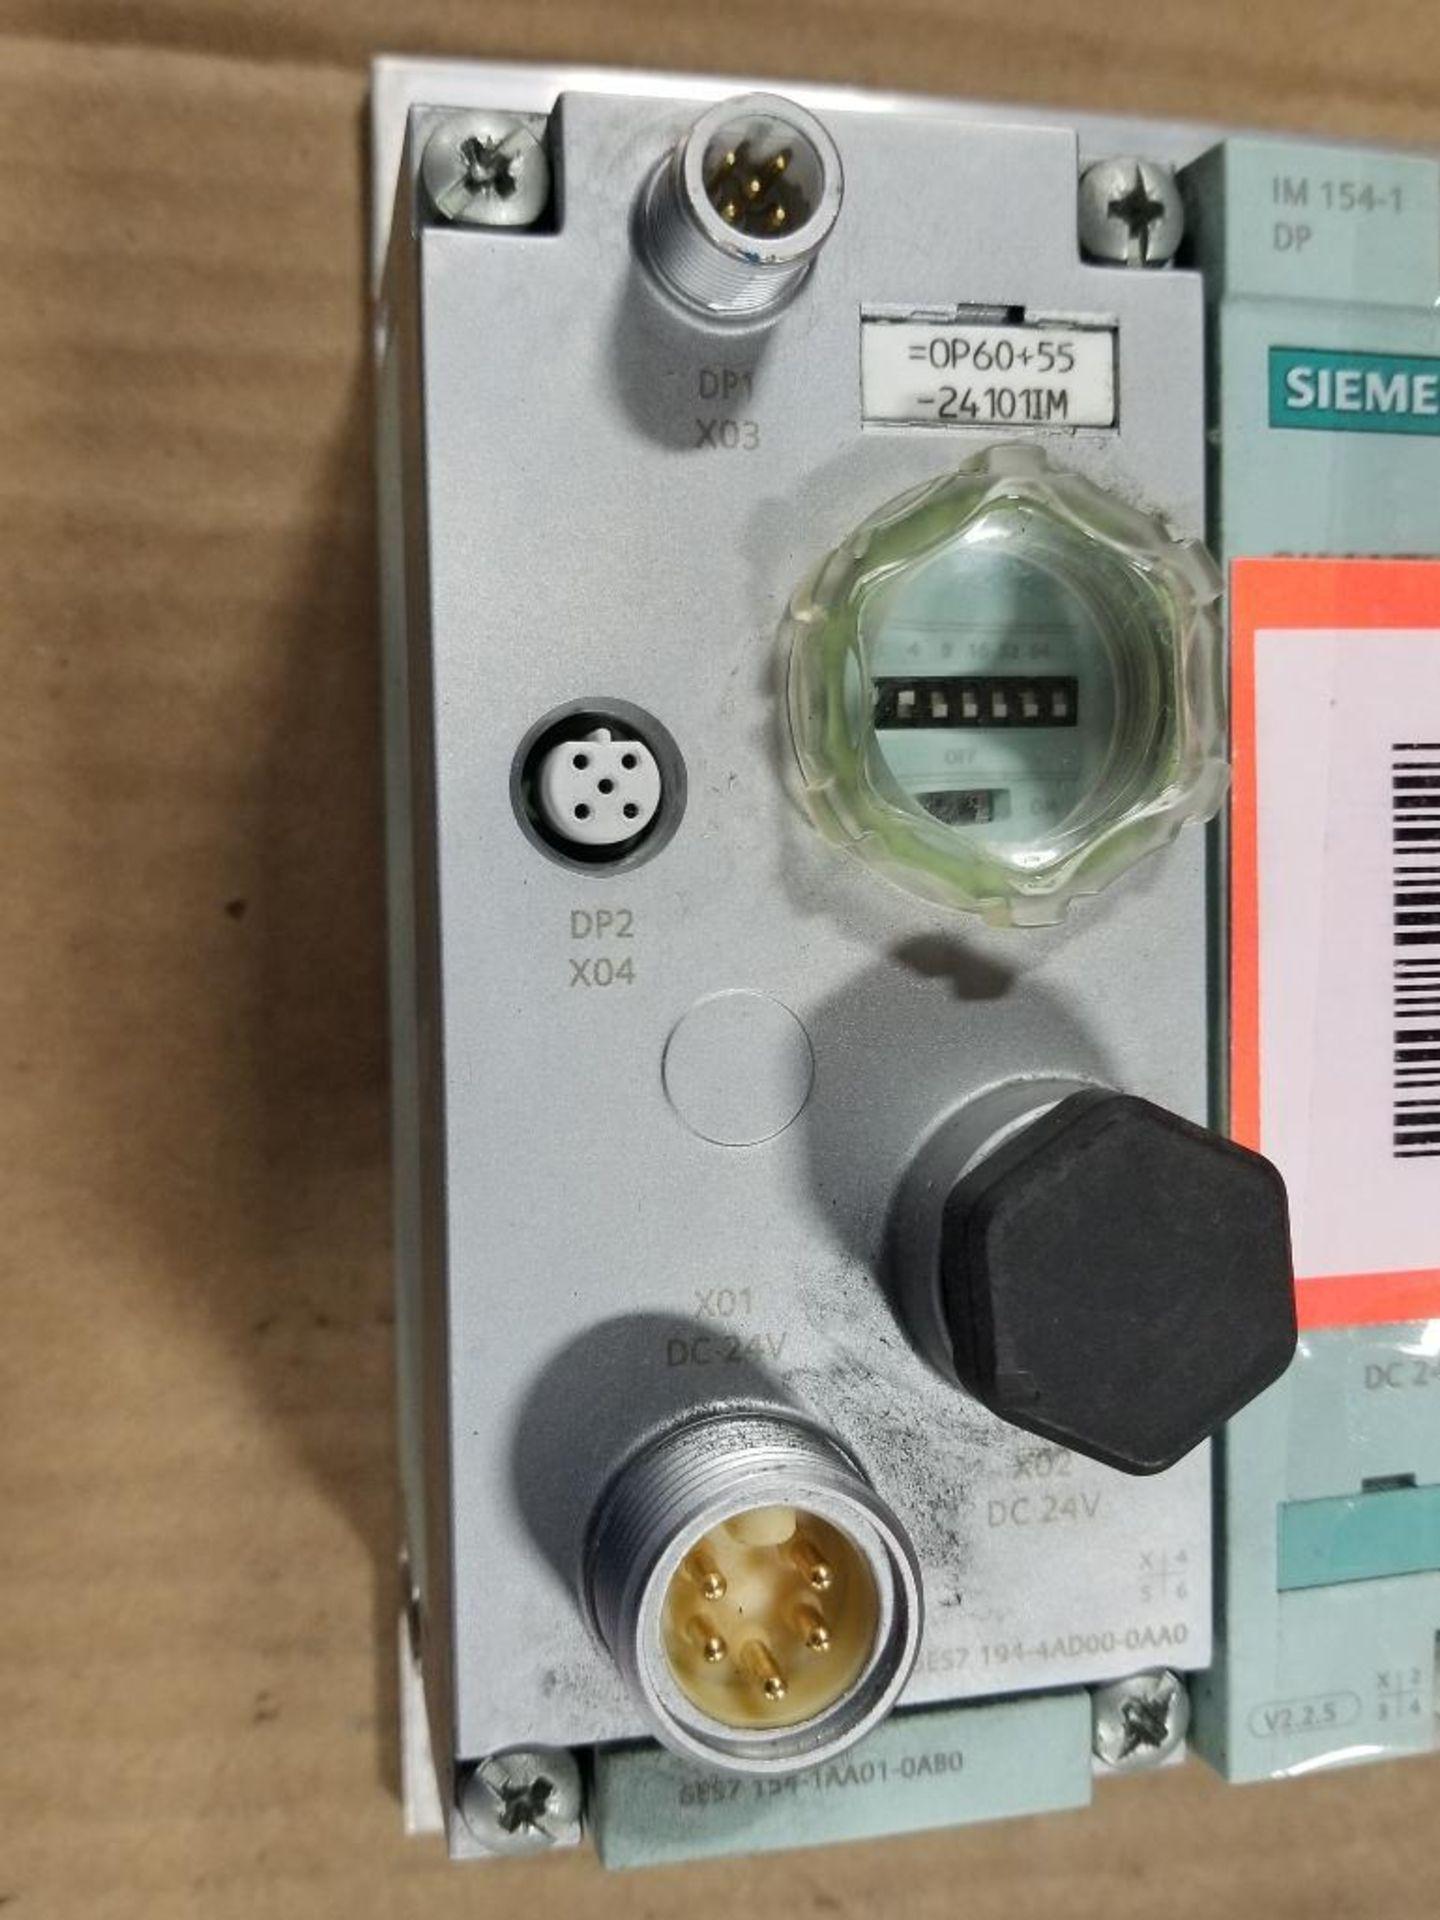 Siemens ET200-pro flow control line. 6ES7-154-1AA01-0AB0. - Image 4 of 4